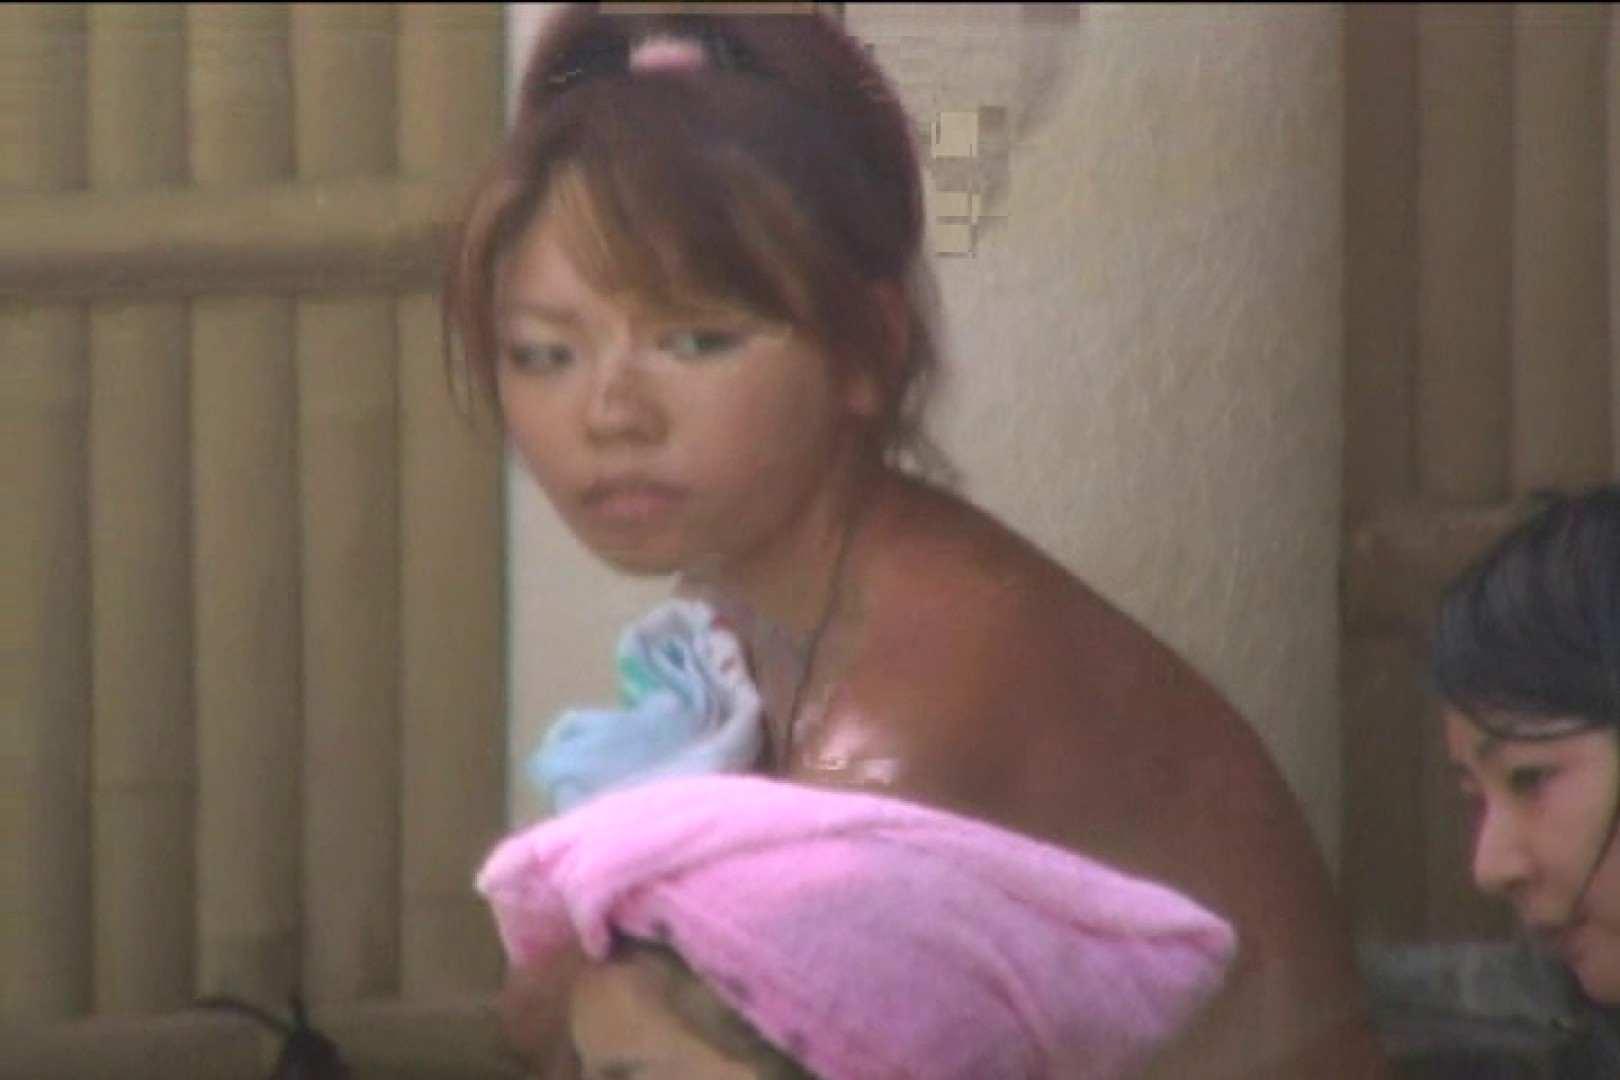 Aquaな露天風呂Vol.535 美しいOLの裸体   盗撮師作品  76pic 1